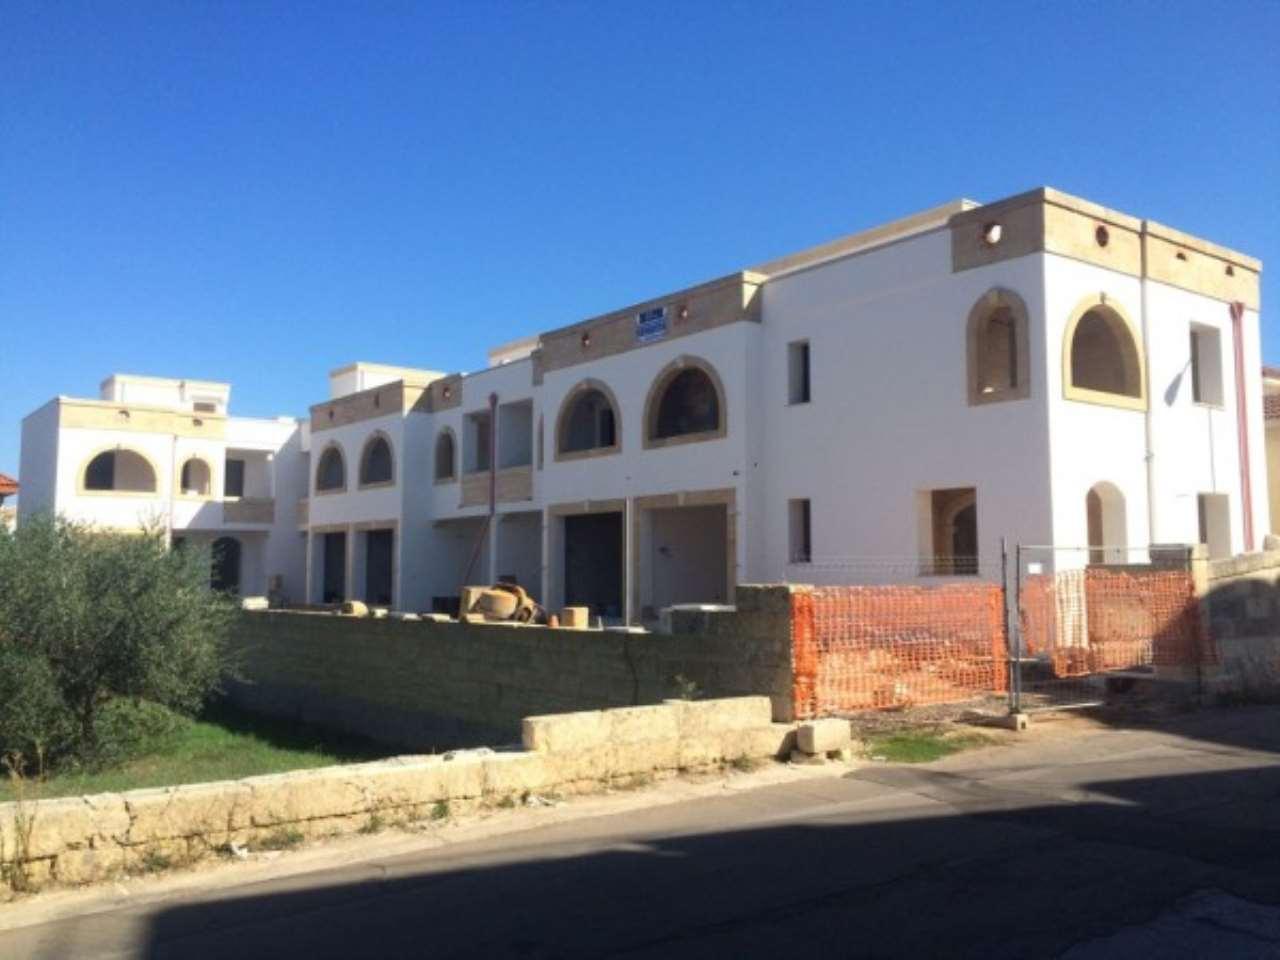 Appartamento in vendita a Gagliano del Capo, 5 locali, Trattative riservate | PortaleAgenzieImmobiliari.it